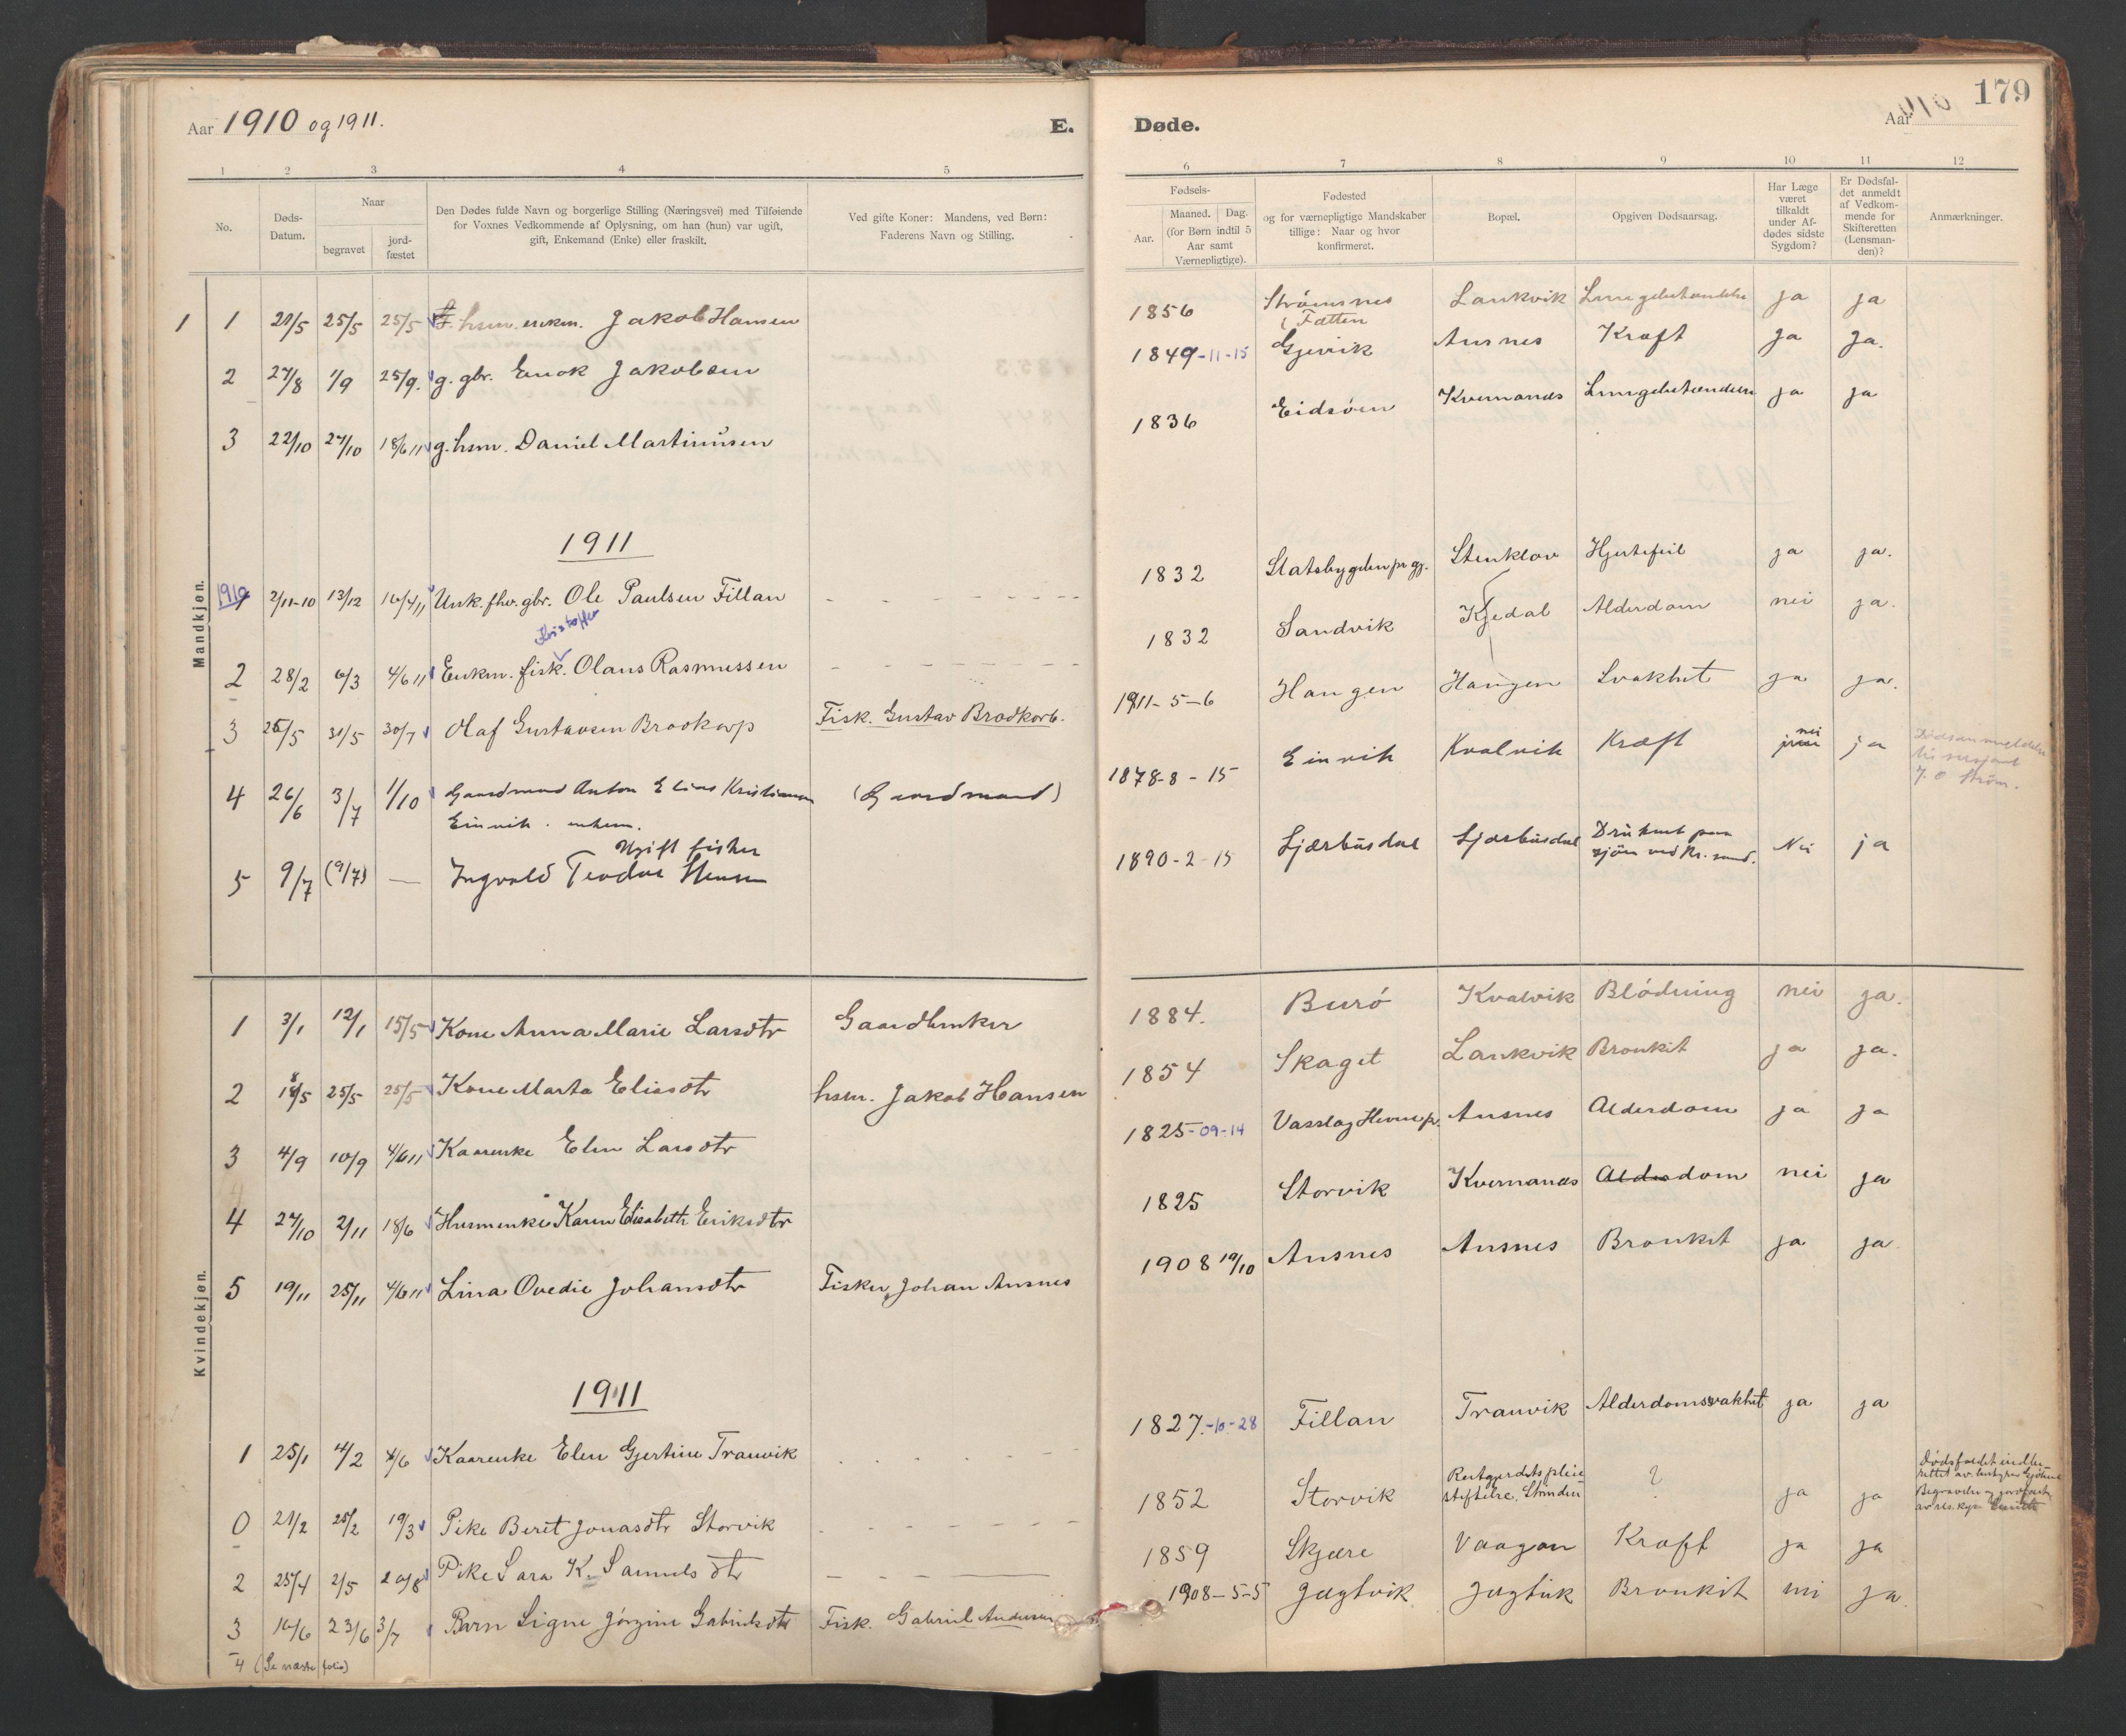 SAT, Ministerialprotokoller, klokkerbøker og fødselsregistre - Sør-Trøndelag, 637/L0559: Ministerialbok nr. 637A02, 1899-1923, s. 179